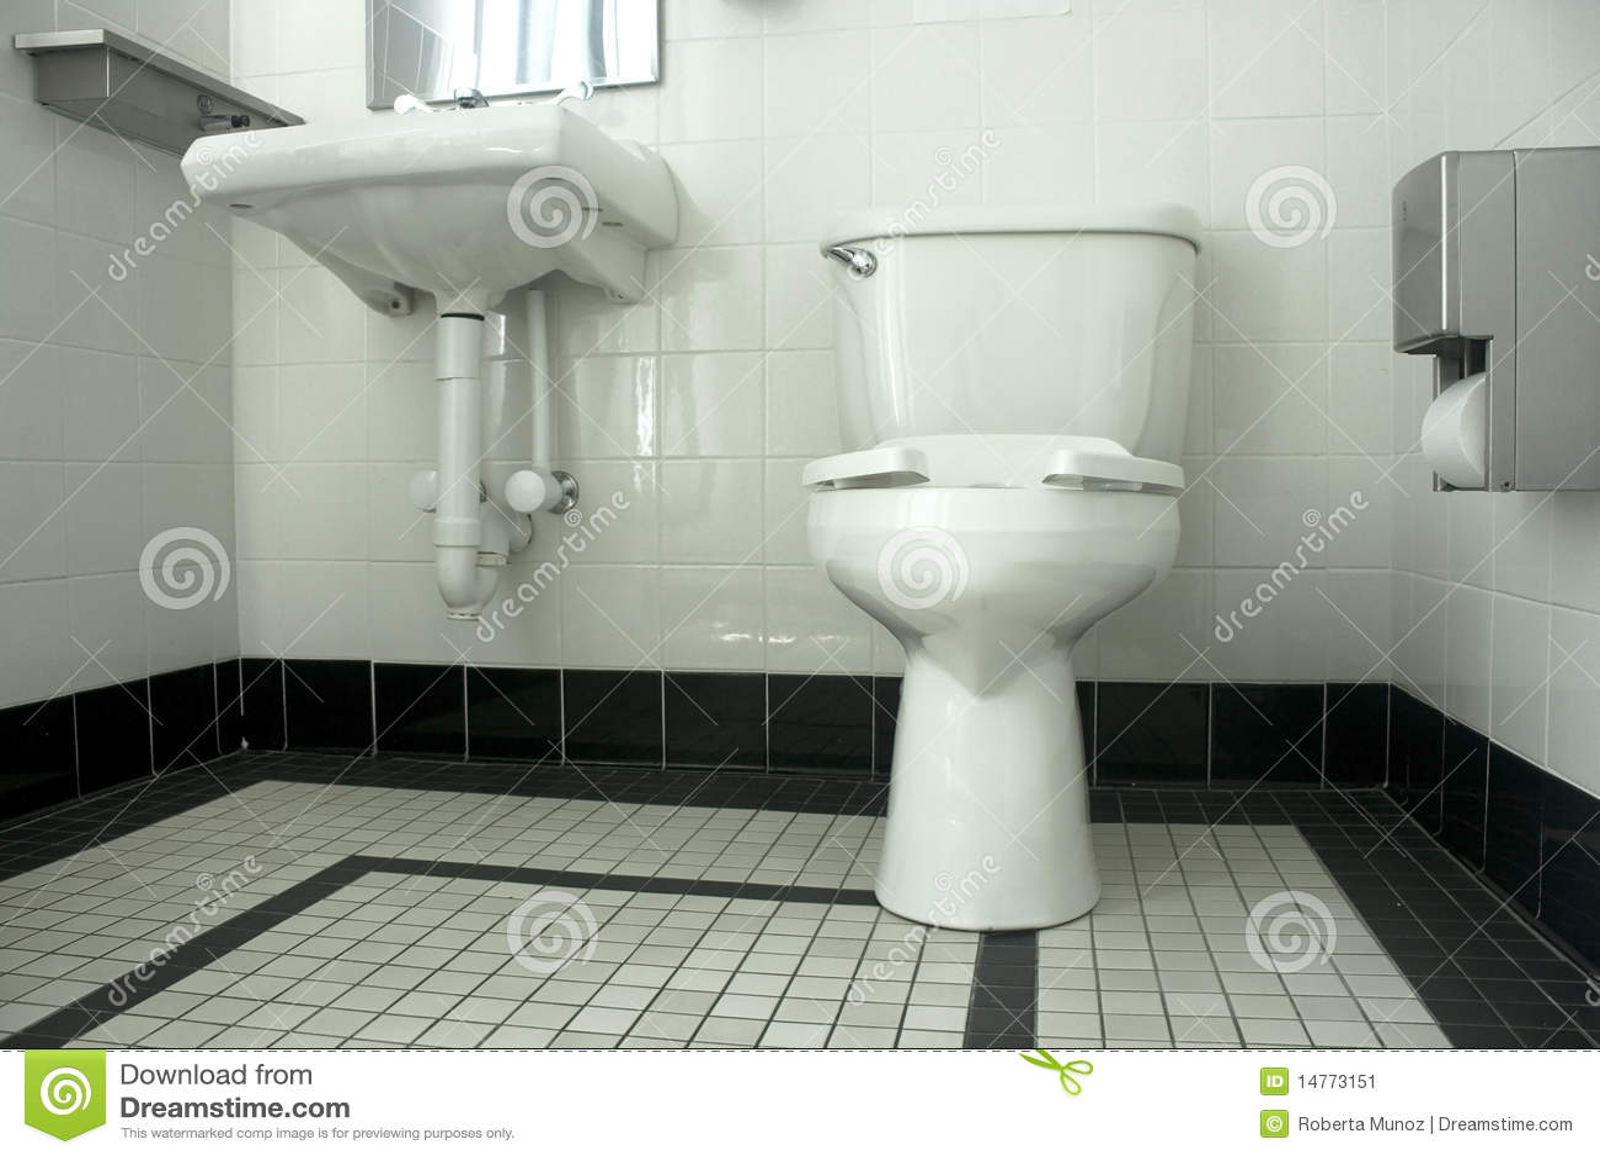 Banheiro Preto E Branco Imagem de Stock Imagem: 14773151 #85A823 1300x957 Armario Para Banheiro Branco E Preto